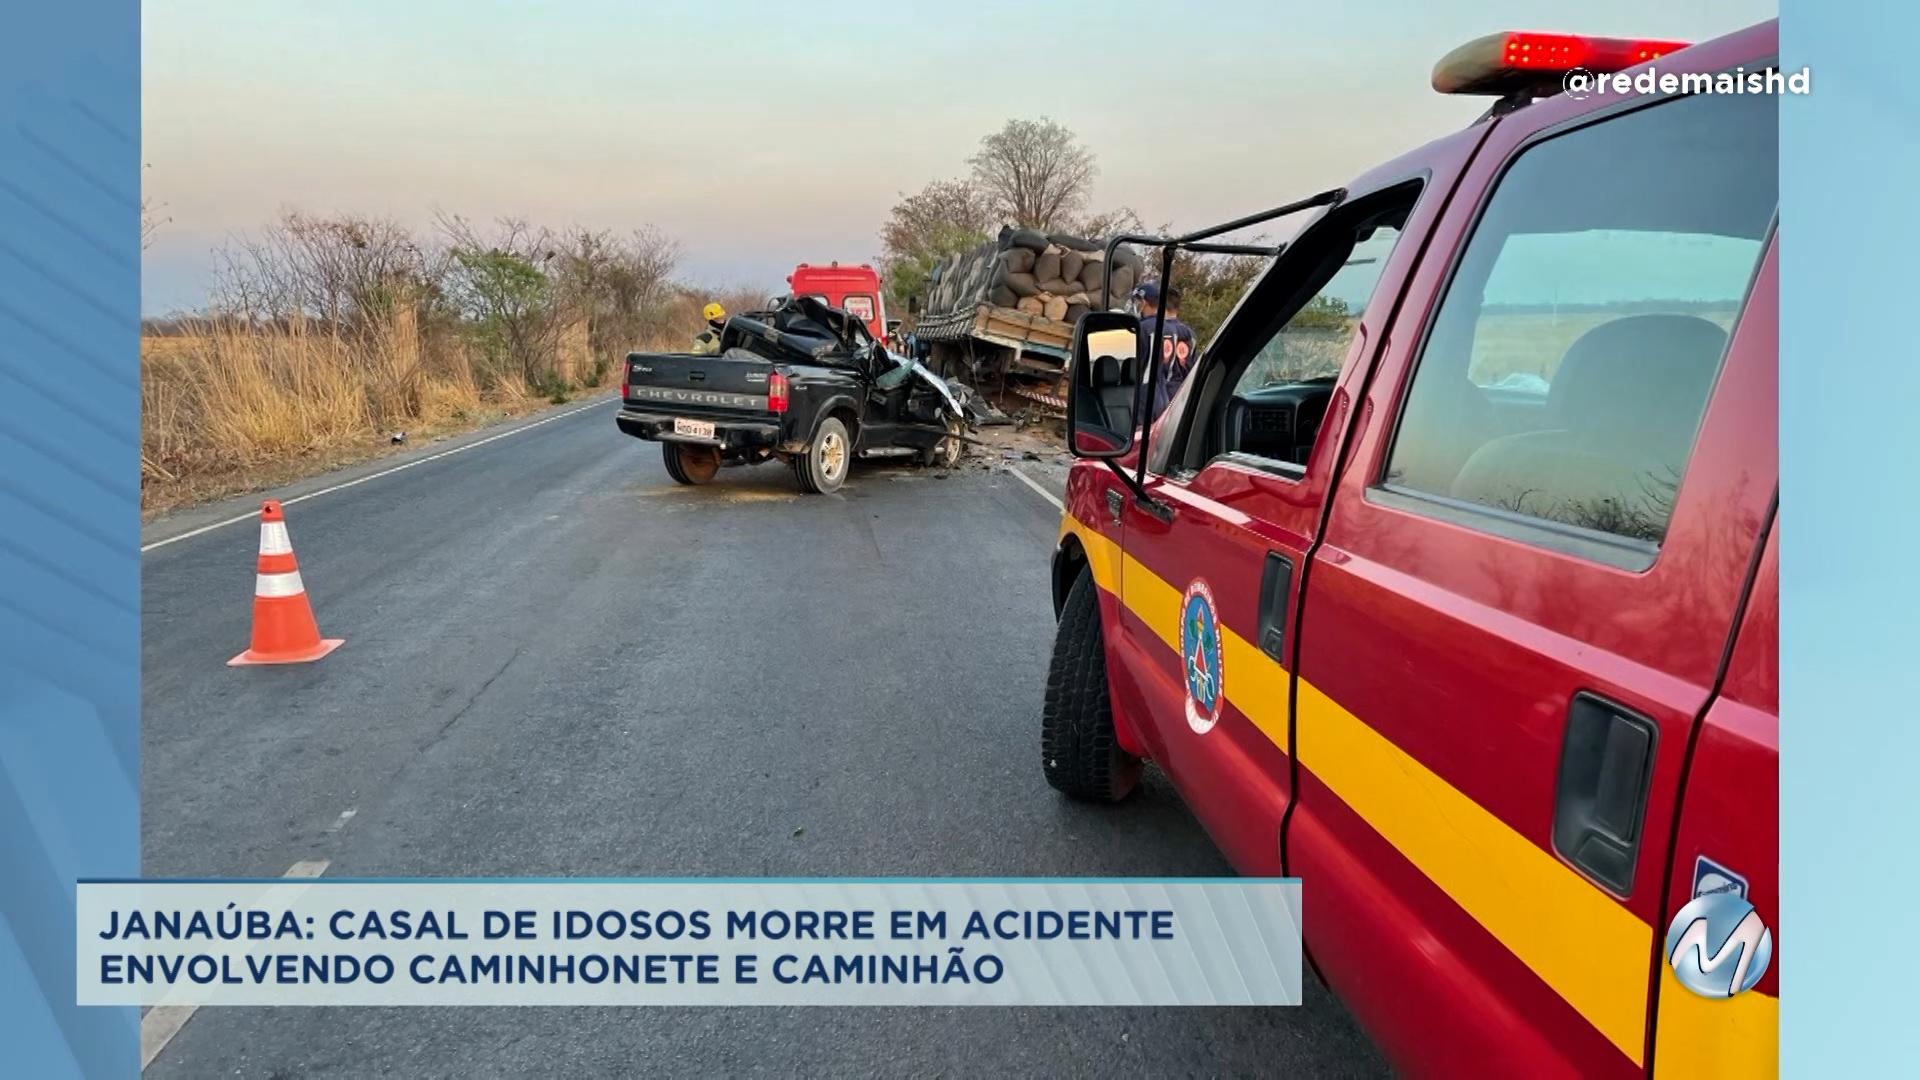 Casal de idosos morre em acidente em Janaúba